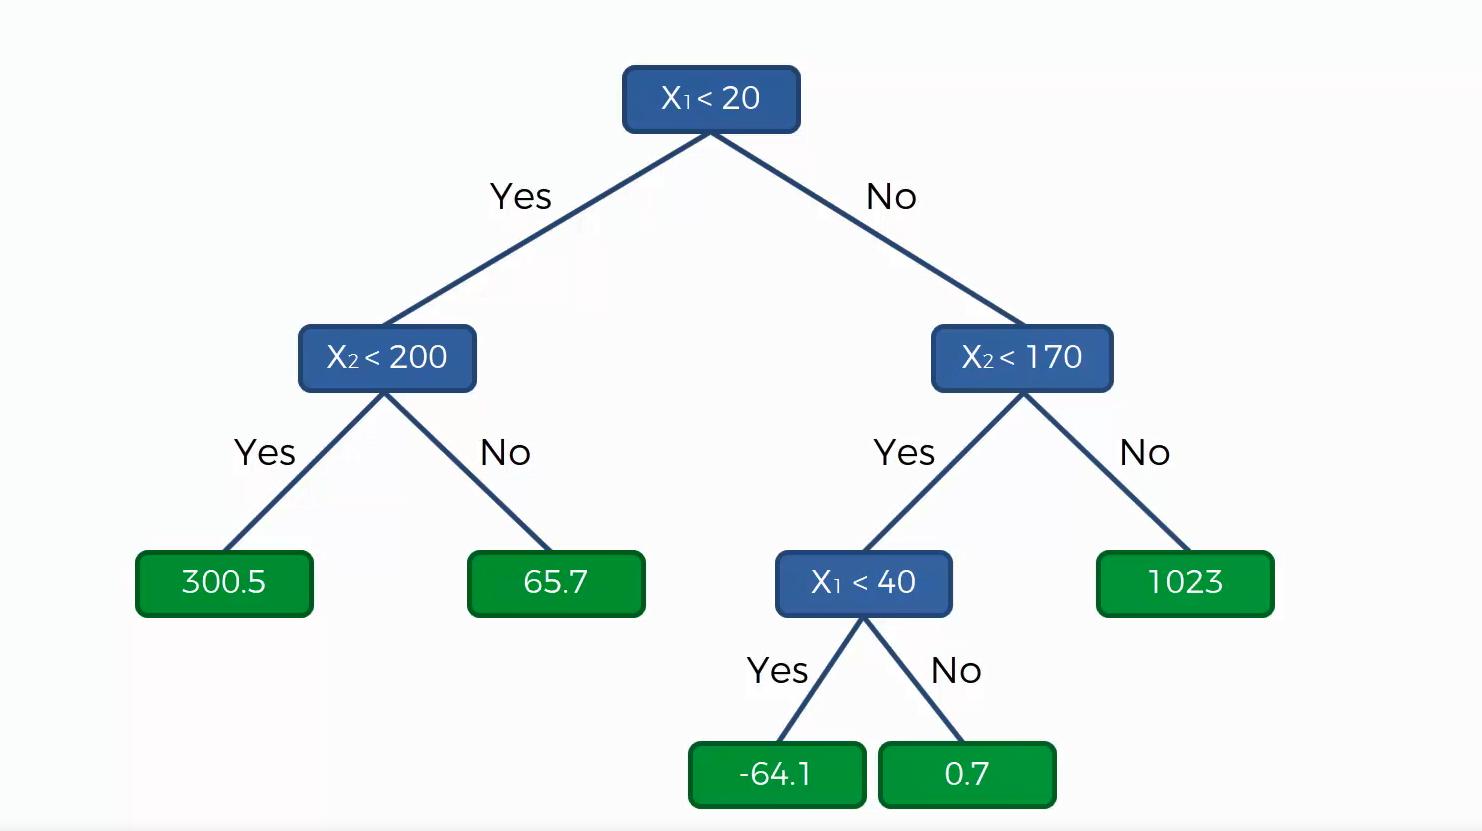 Maschinenlernen Regressionsbaum mit Durchschnittswerten für abhängige Variable